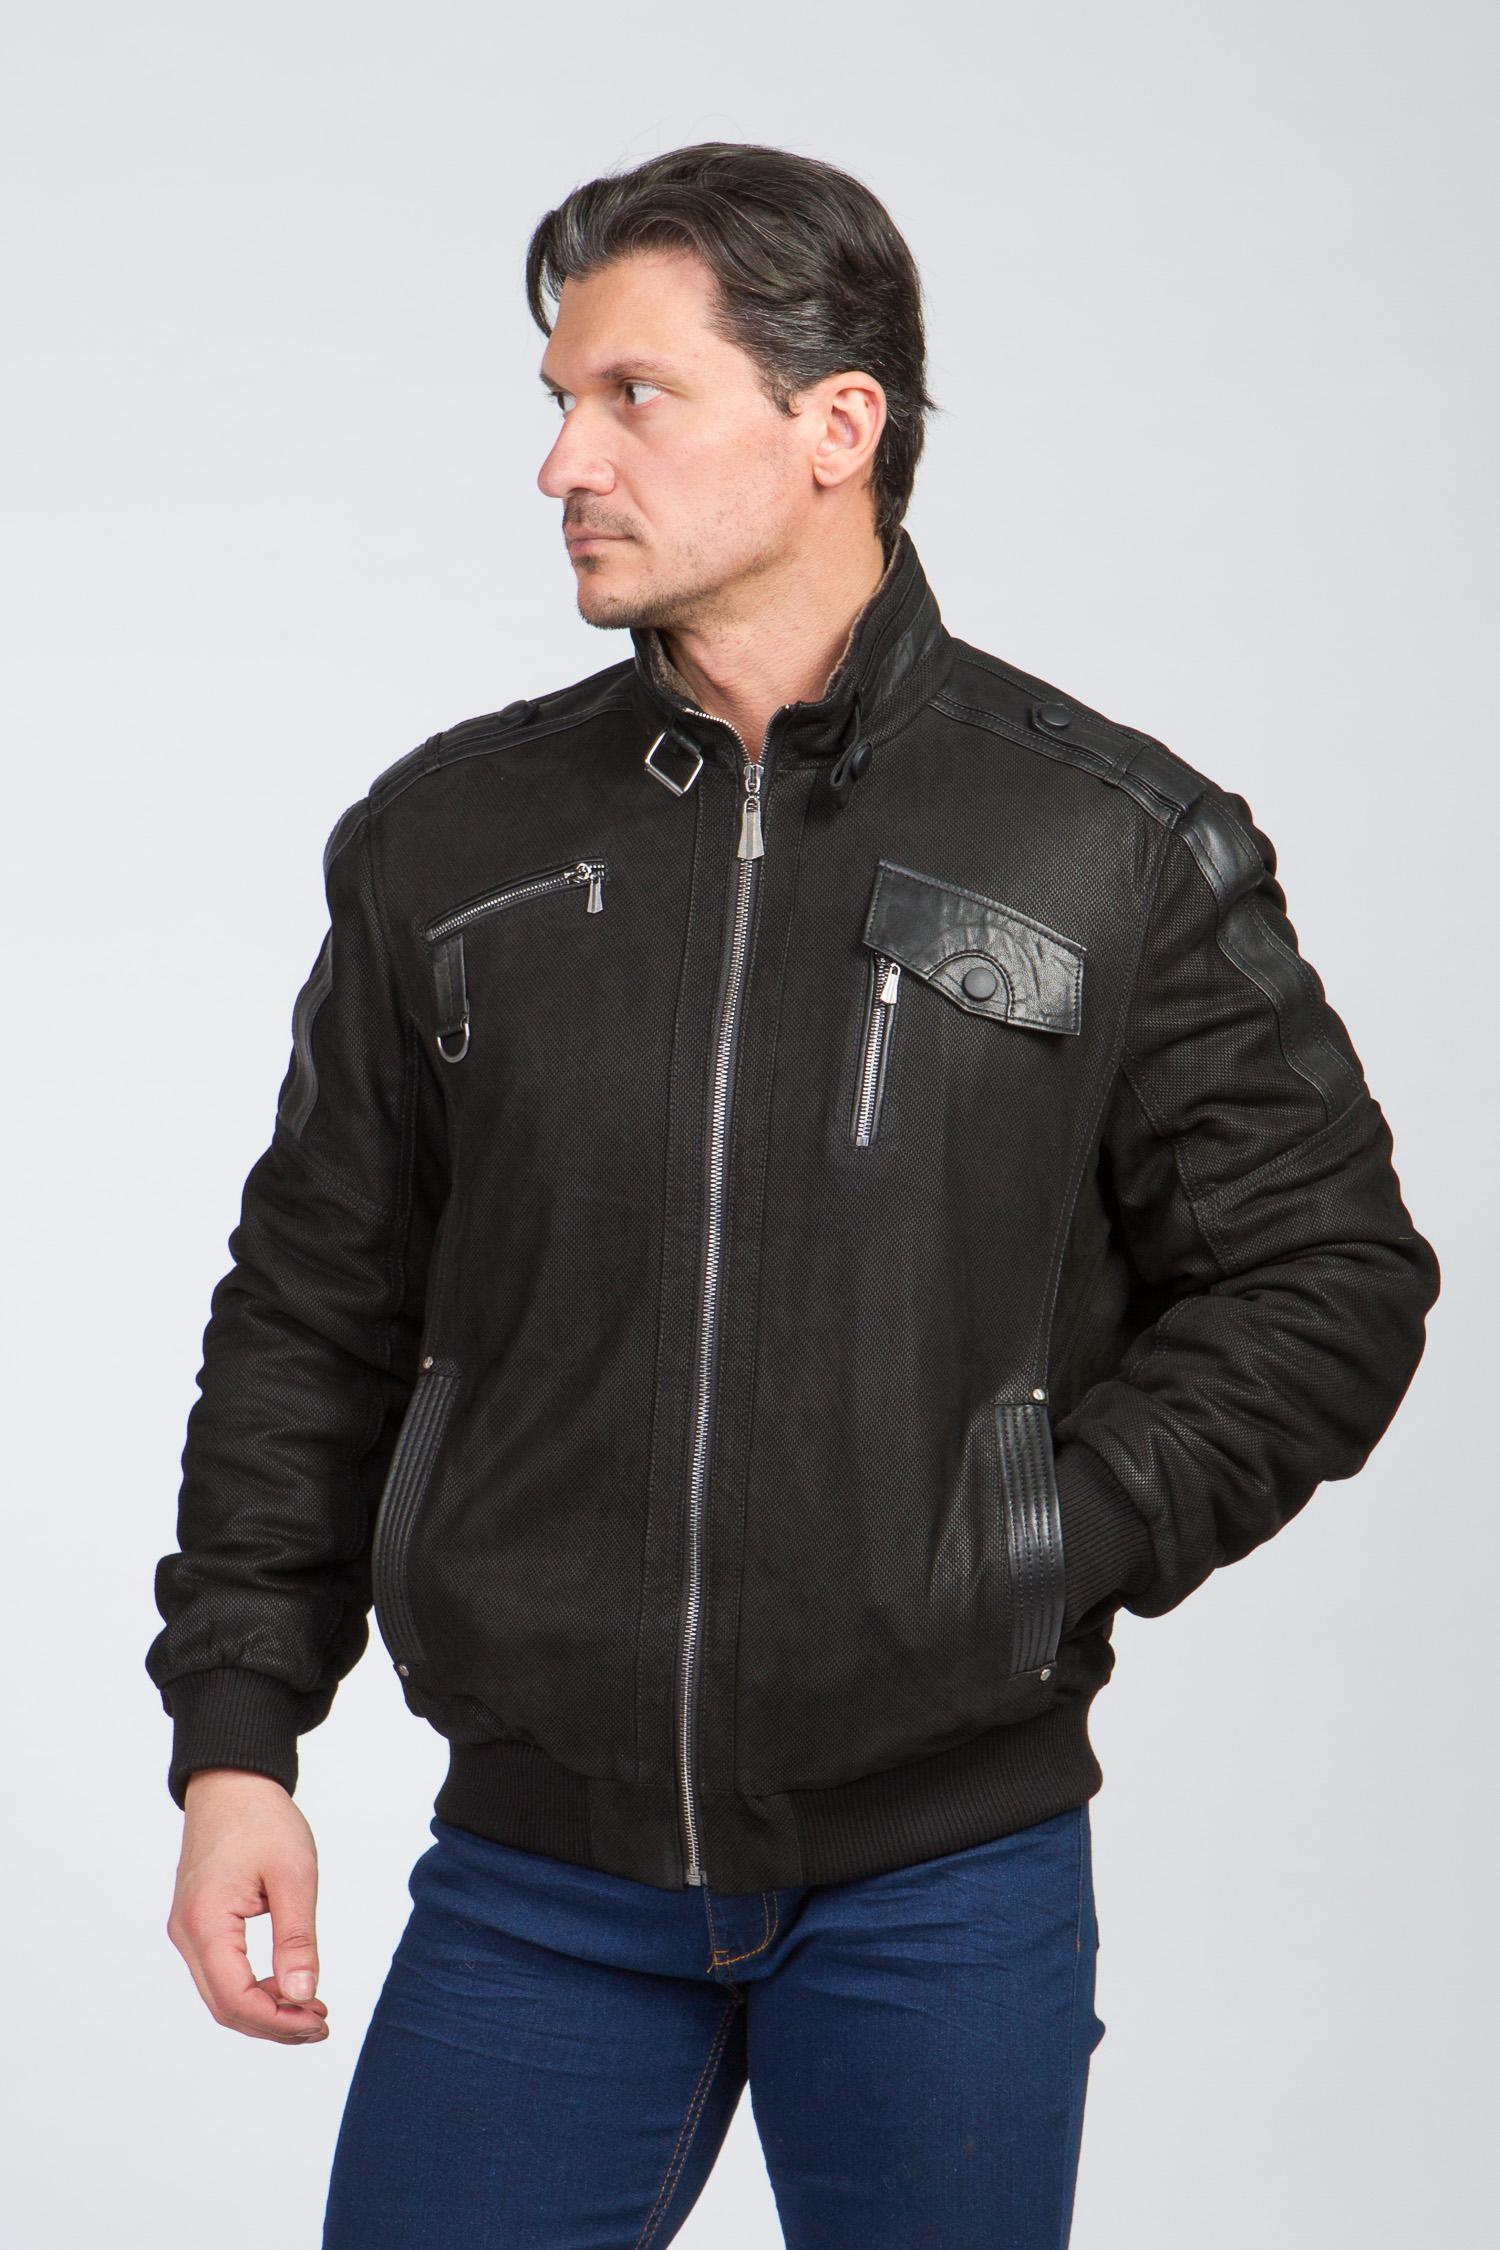 Мужская кожаная куртка из натуральной замши на меху с воротником, отделка овчина